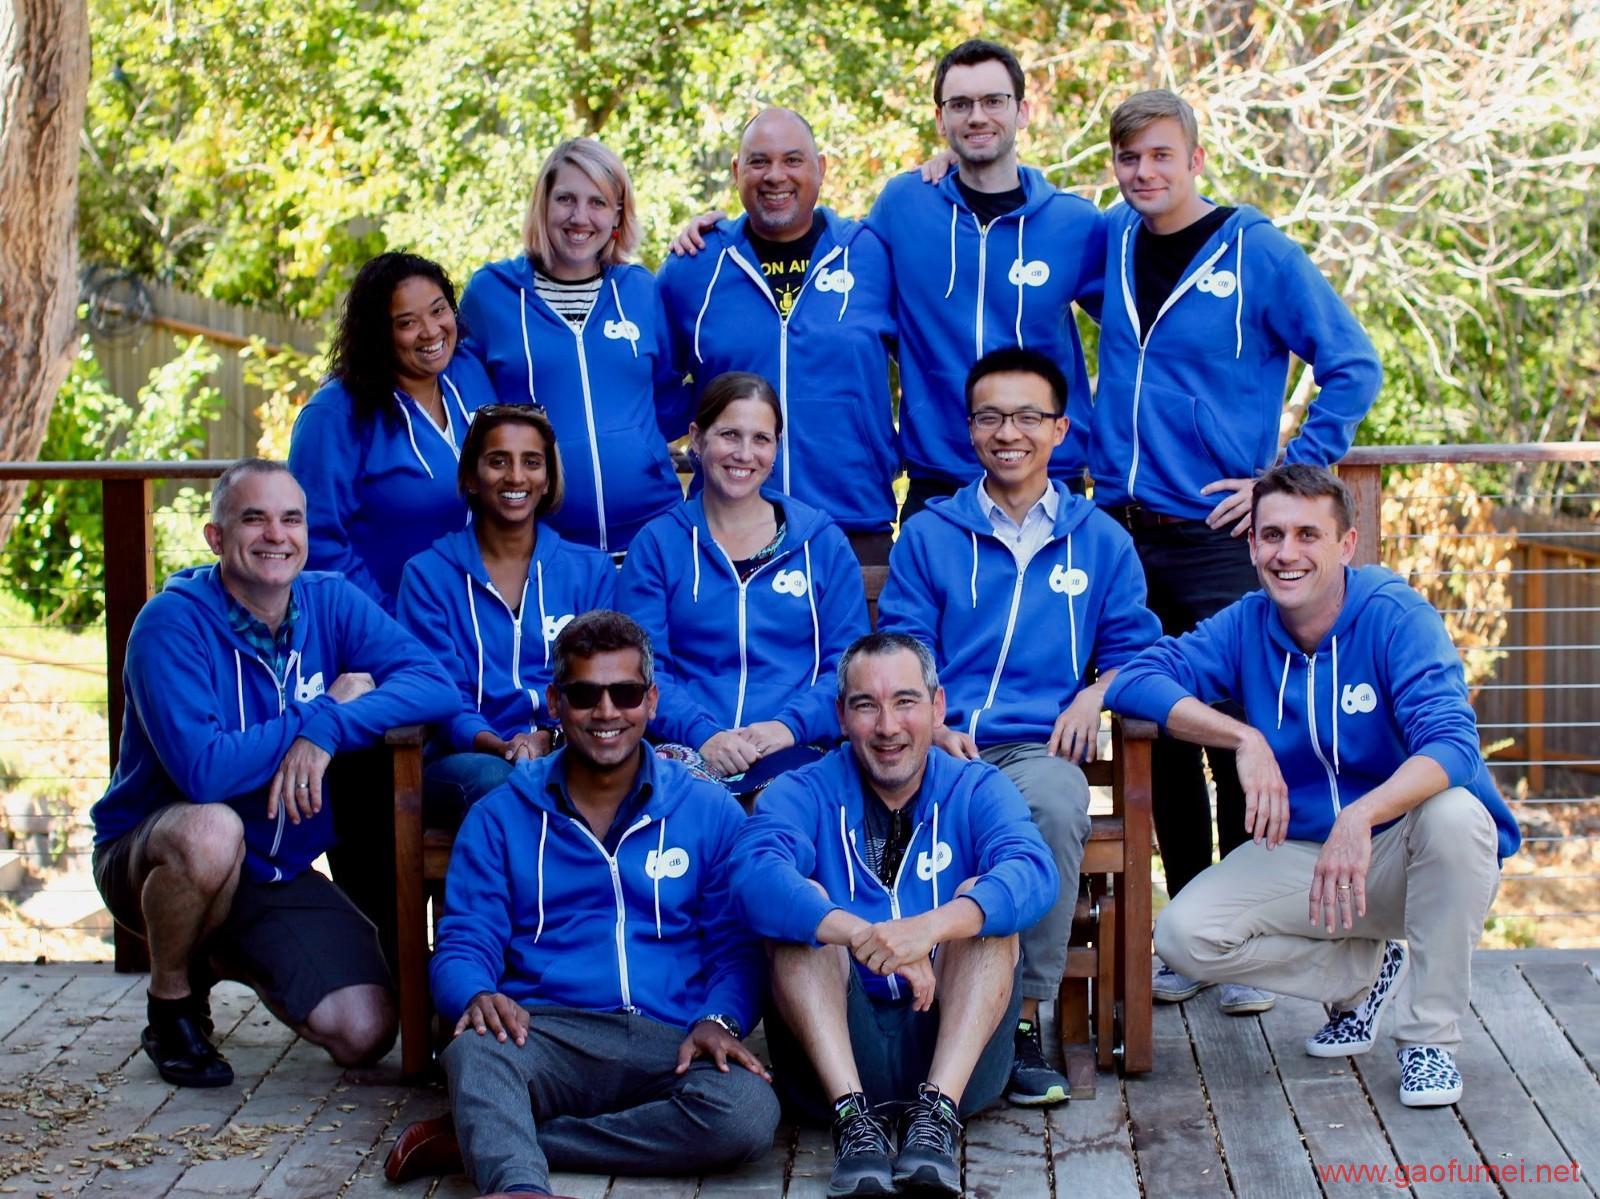 谷歌收购短播客平台60db团队成员全部加入谷歌 流媒体 第4张-泥人传说